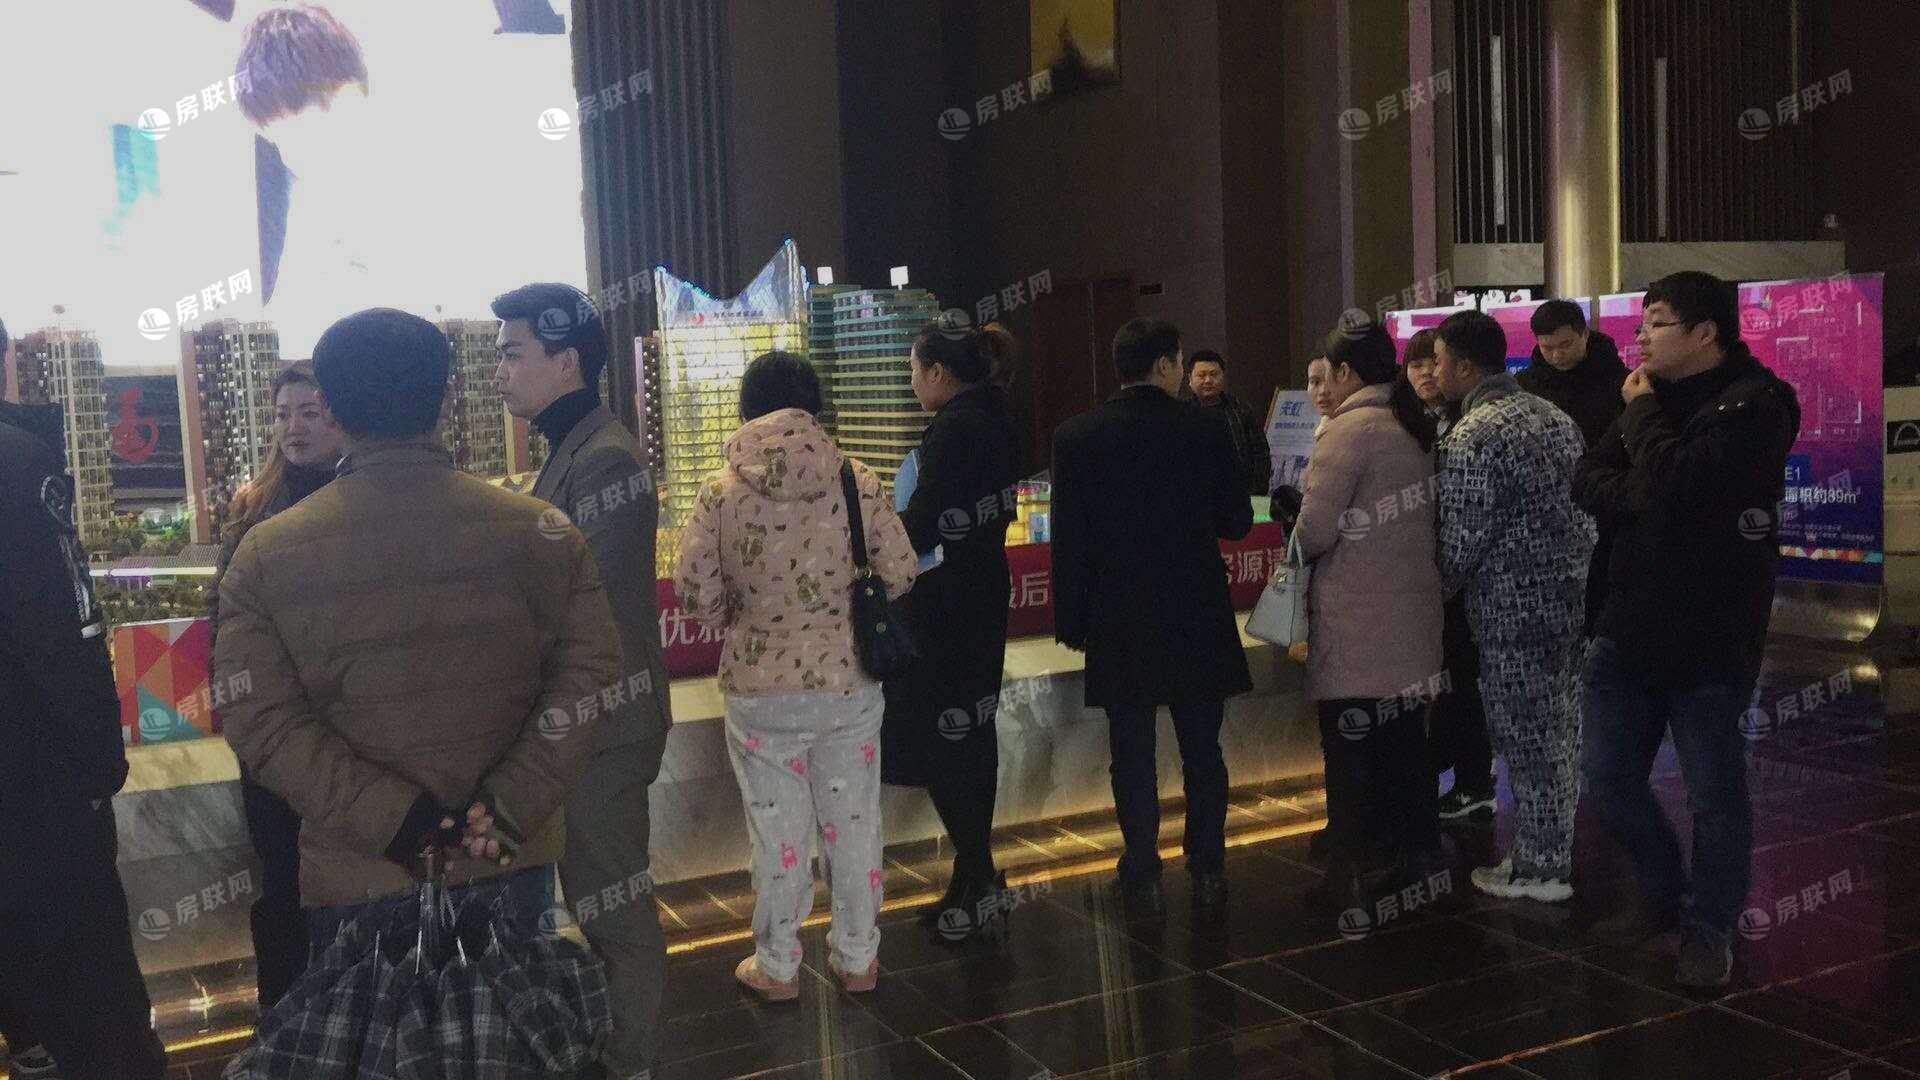 九江天虹购物中心的其他图